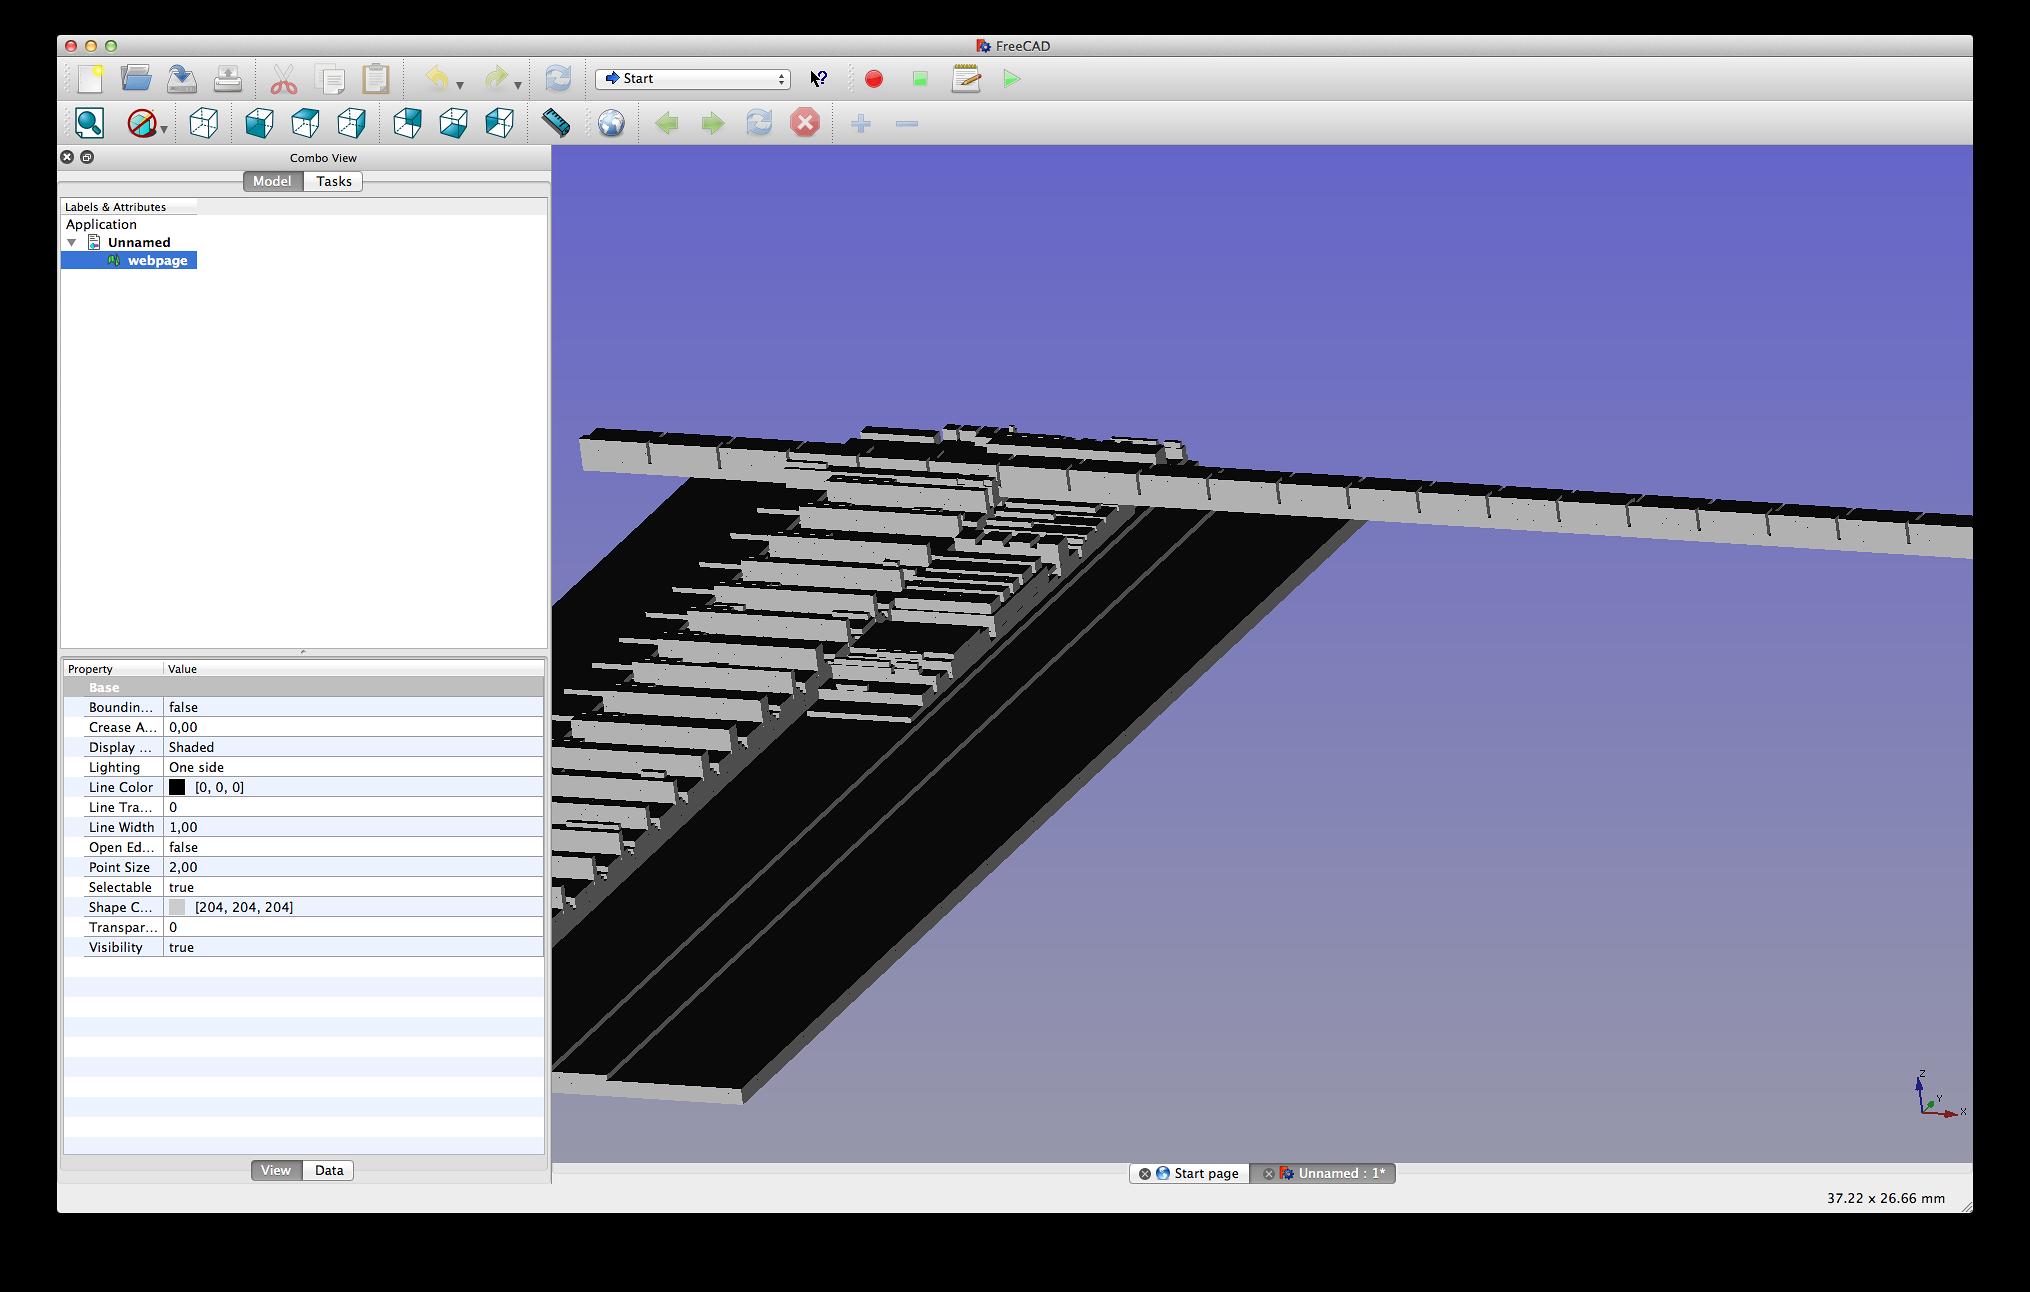 3D-Druck ausprobiert: Internetausdrucker 4.0 - Die generierte Obj-Datei kann zum Beispiel in FreeCAD geladen werden. (Bild: Alexander Merz/Golem.de)